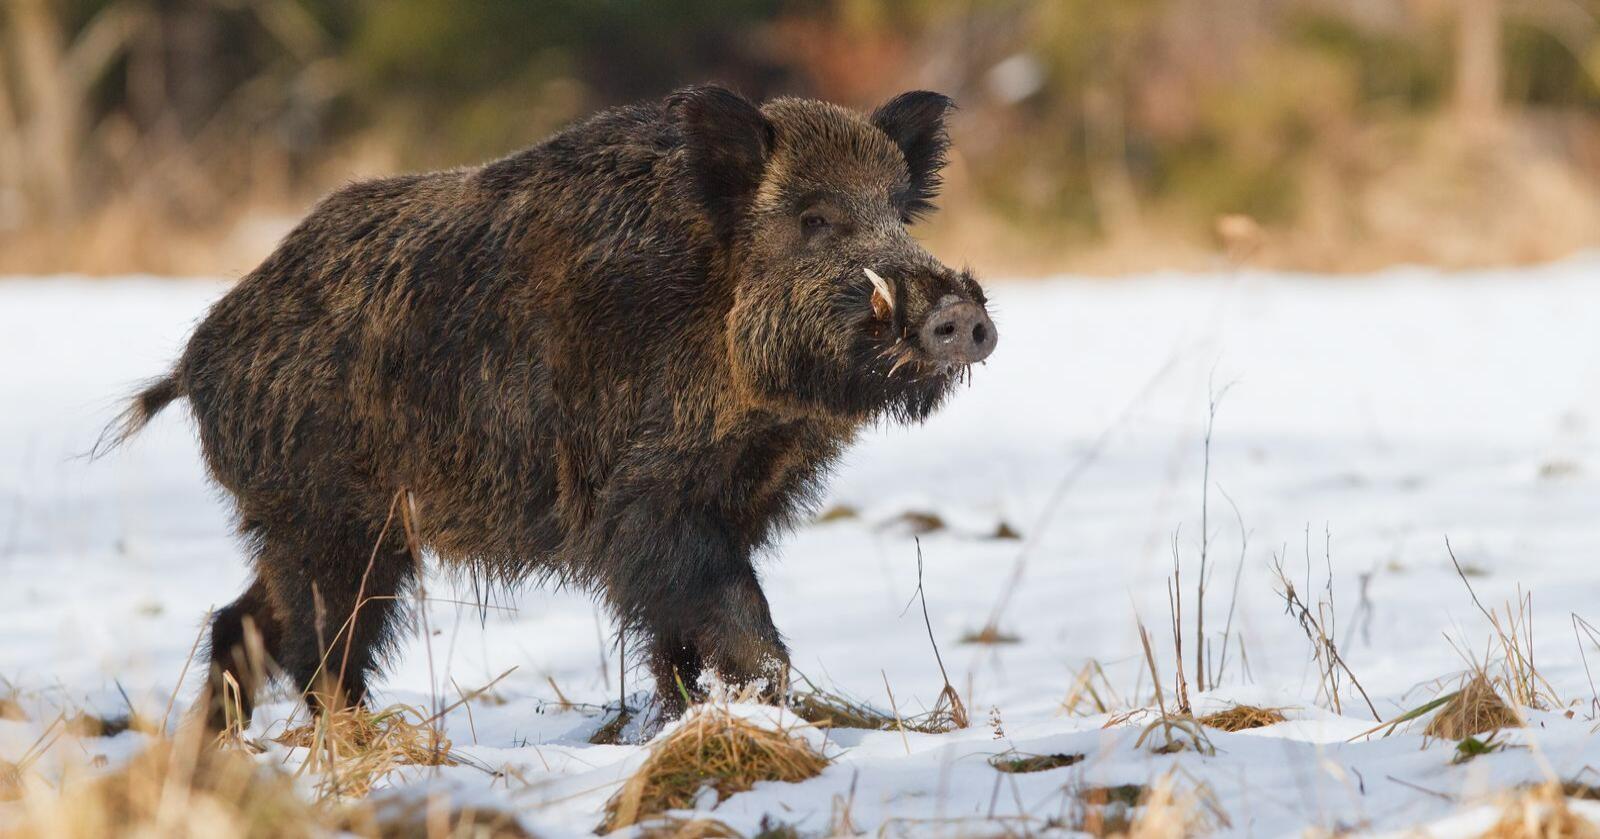 Villsvin er den største smittetrusselen på kontinentet, men vi er ikke trygge i Norge heller. Viruset kan komme fra svinekjøtt som blir tatt med over grensa. Bilde: Shutterstock